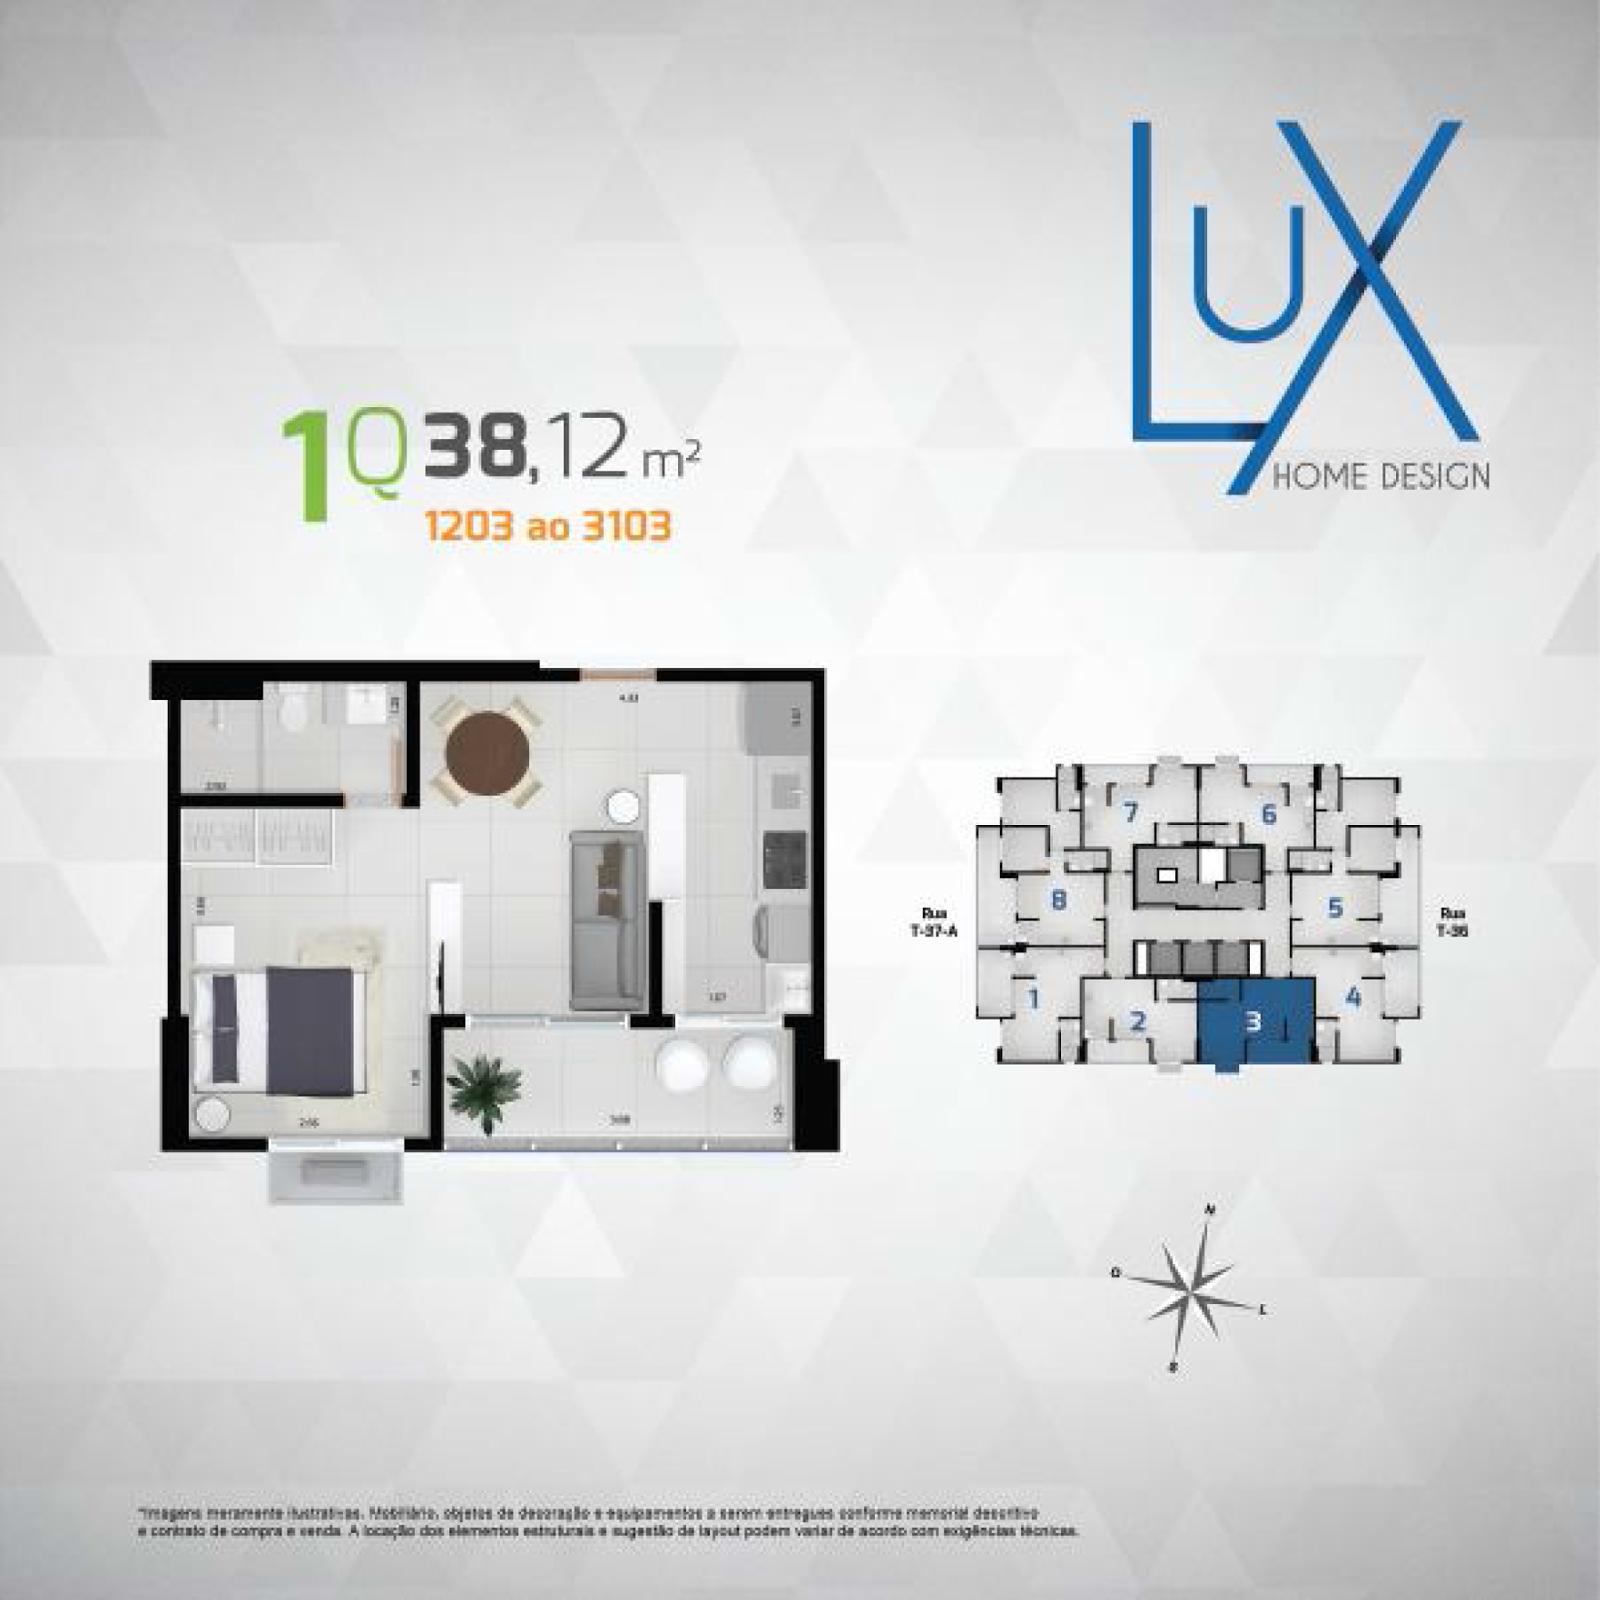 Preço Lux Home Design